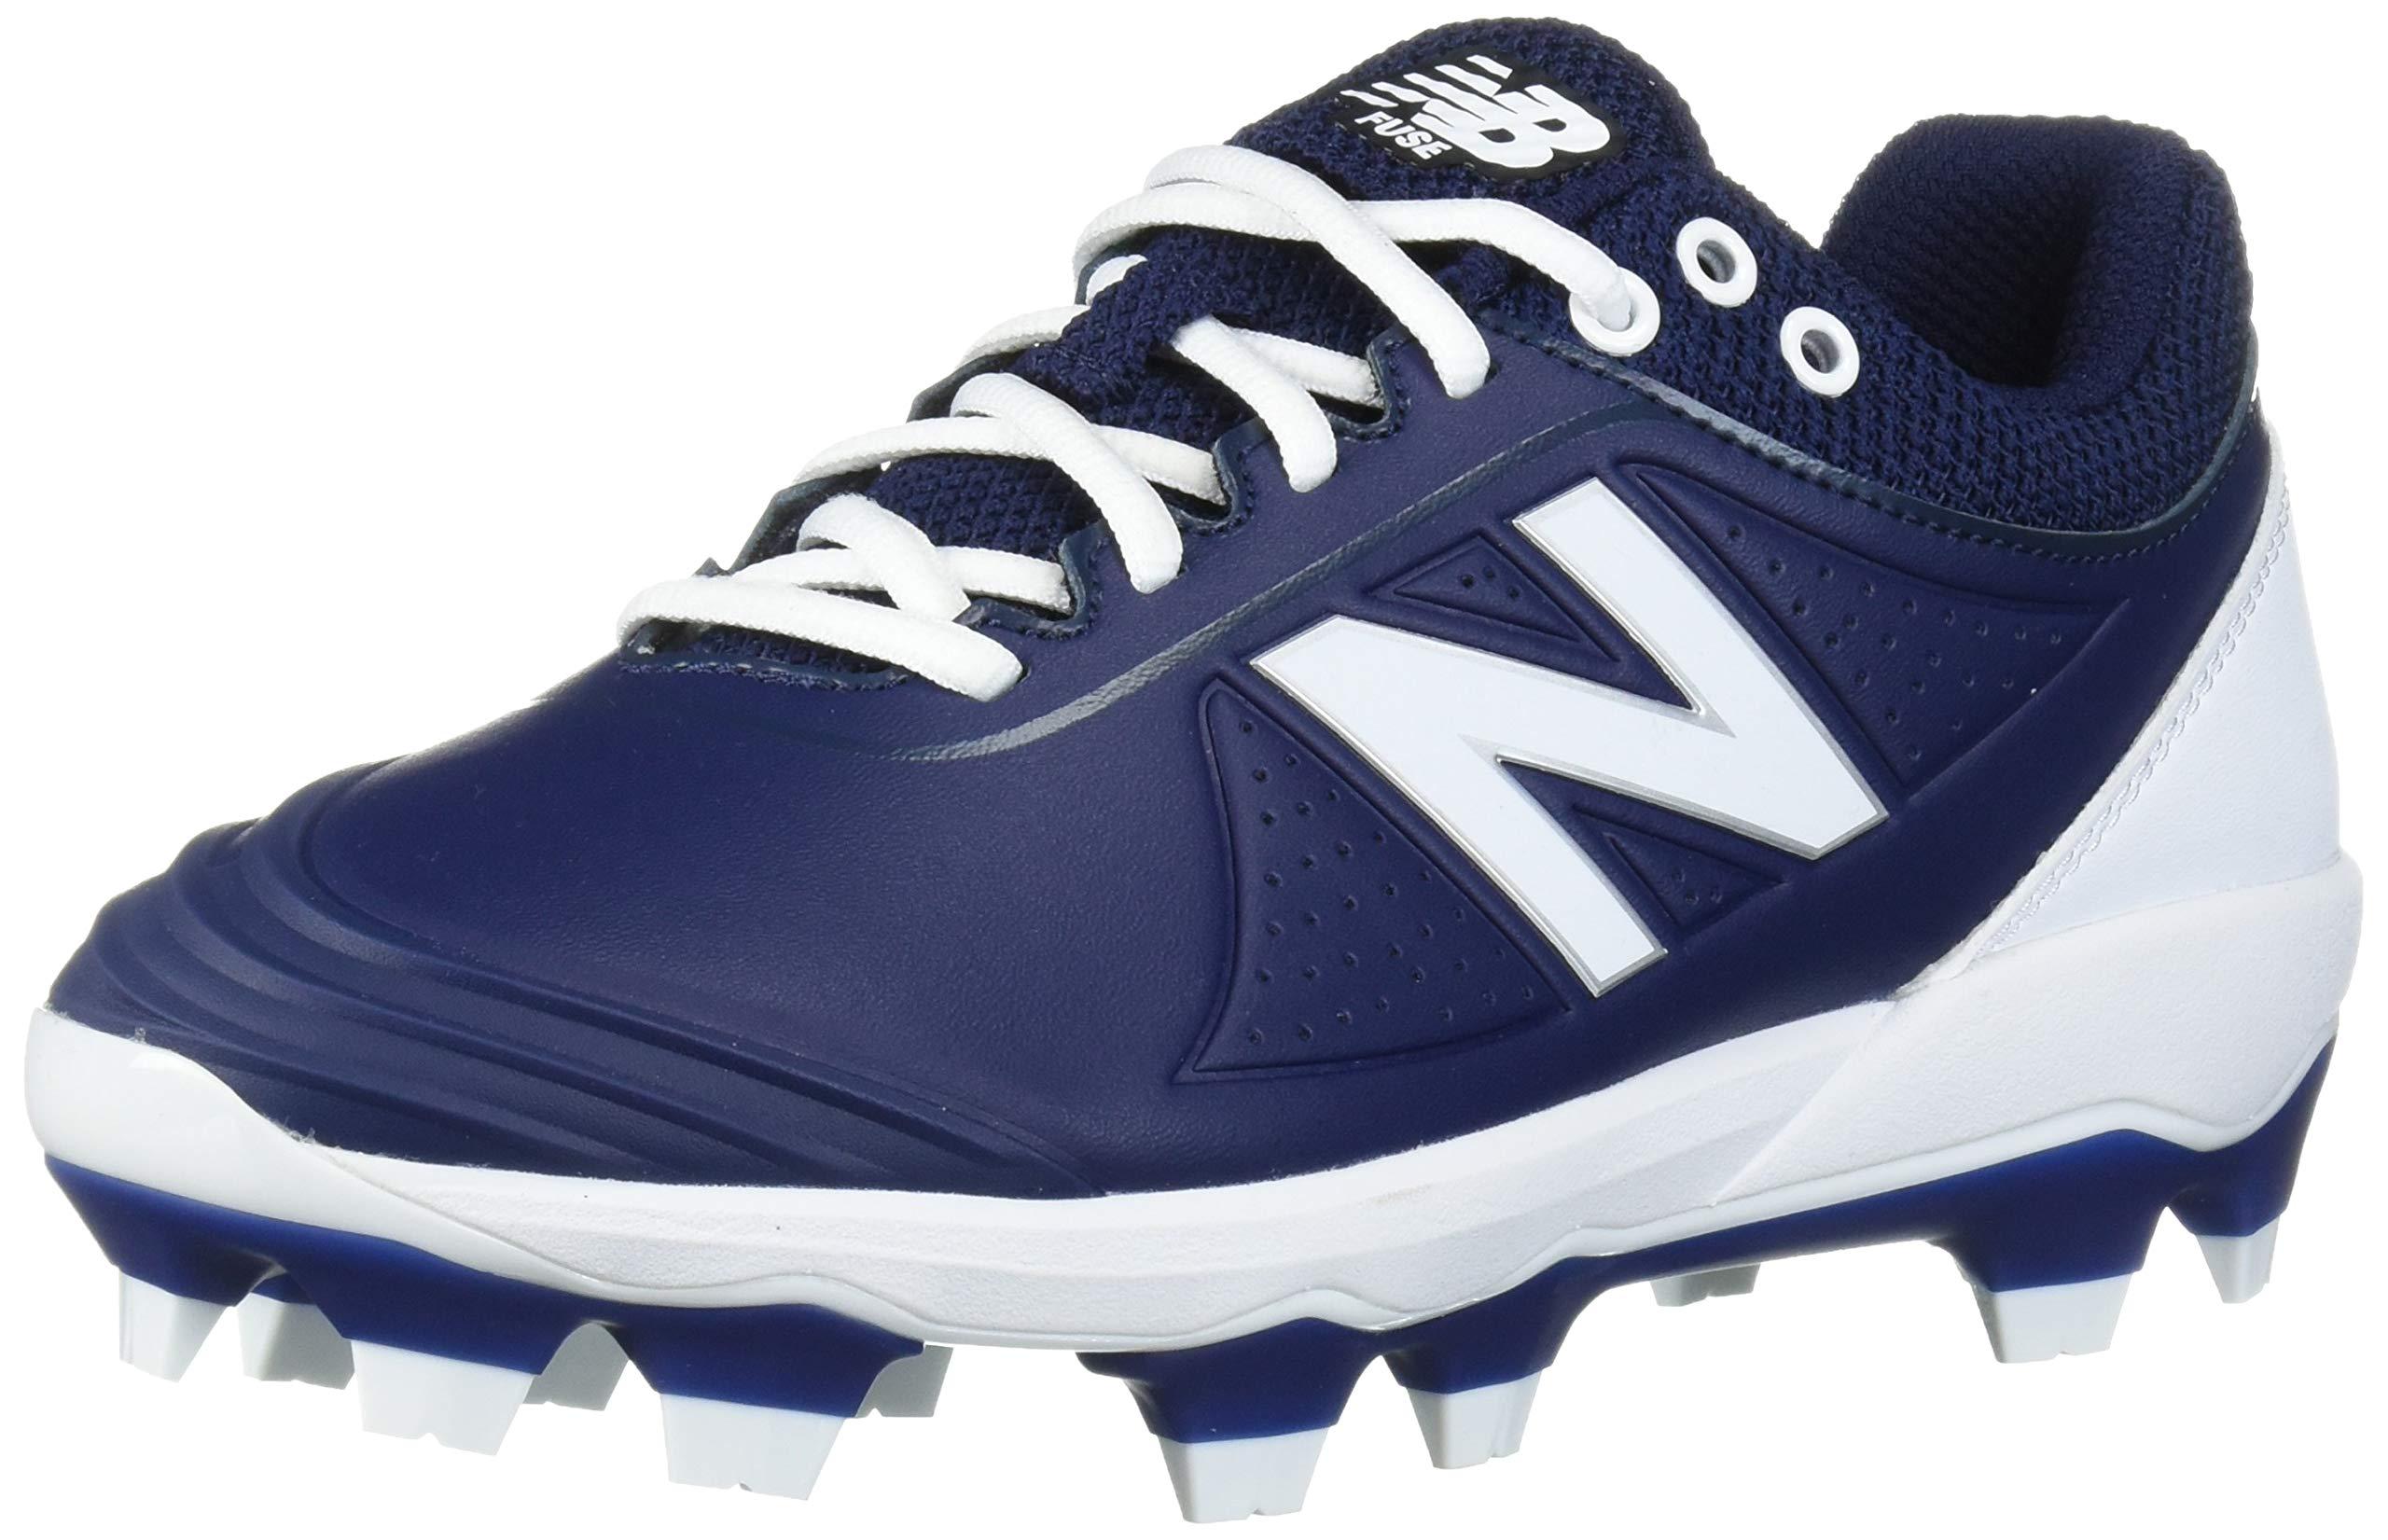 New Balance Women's Fuse V2 Molded Baseball Shoe, Navy/White, 8 W US by New Balance